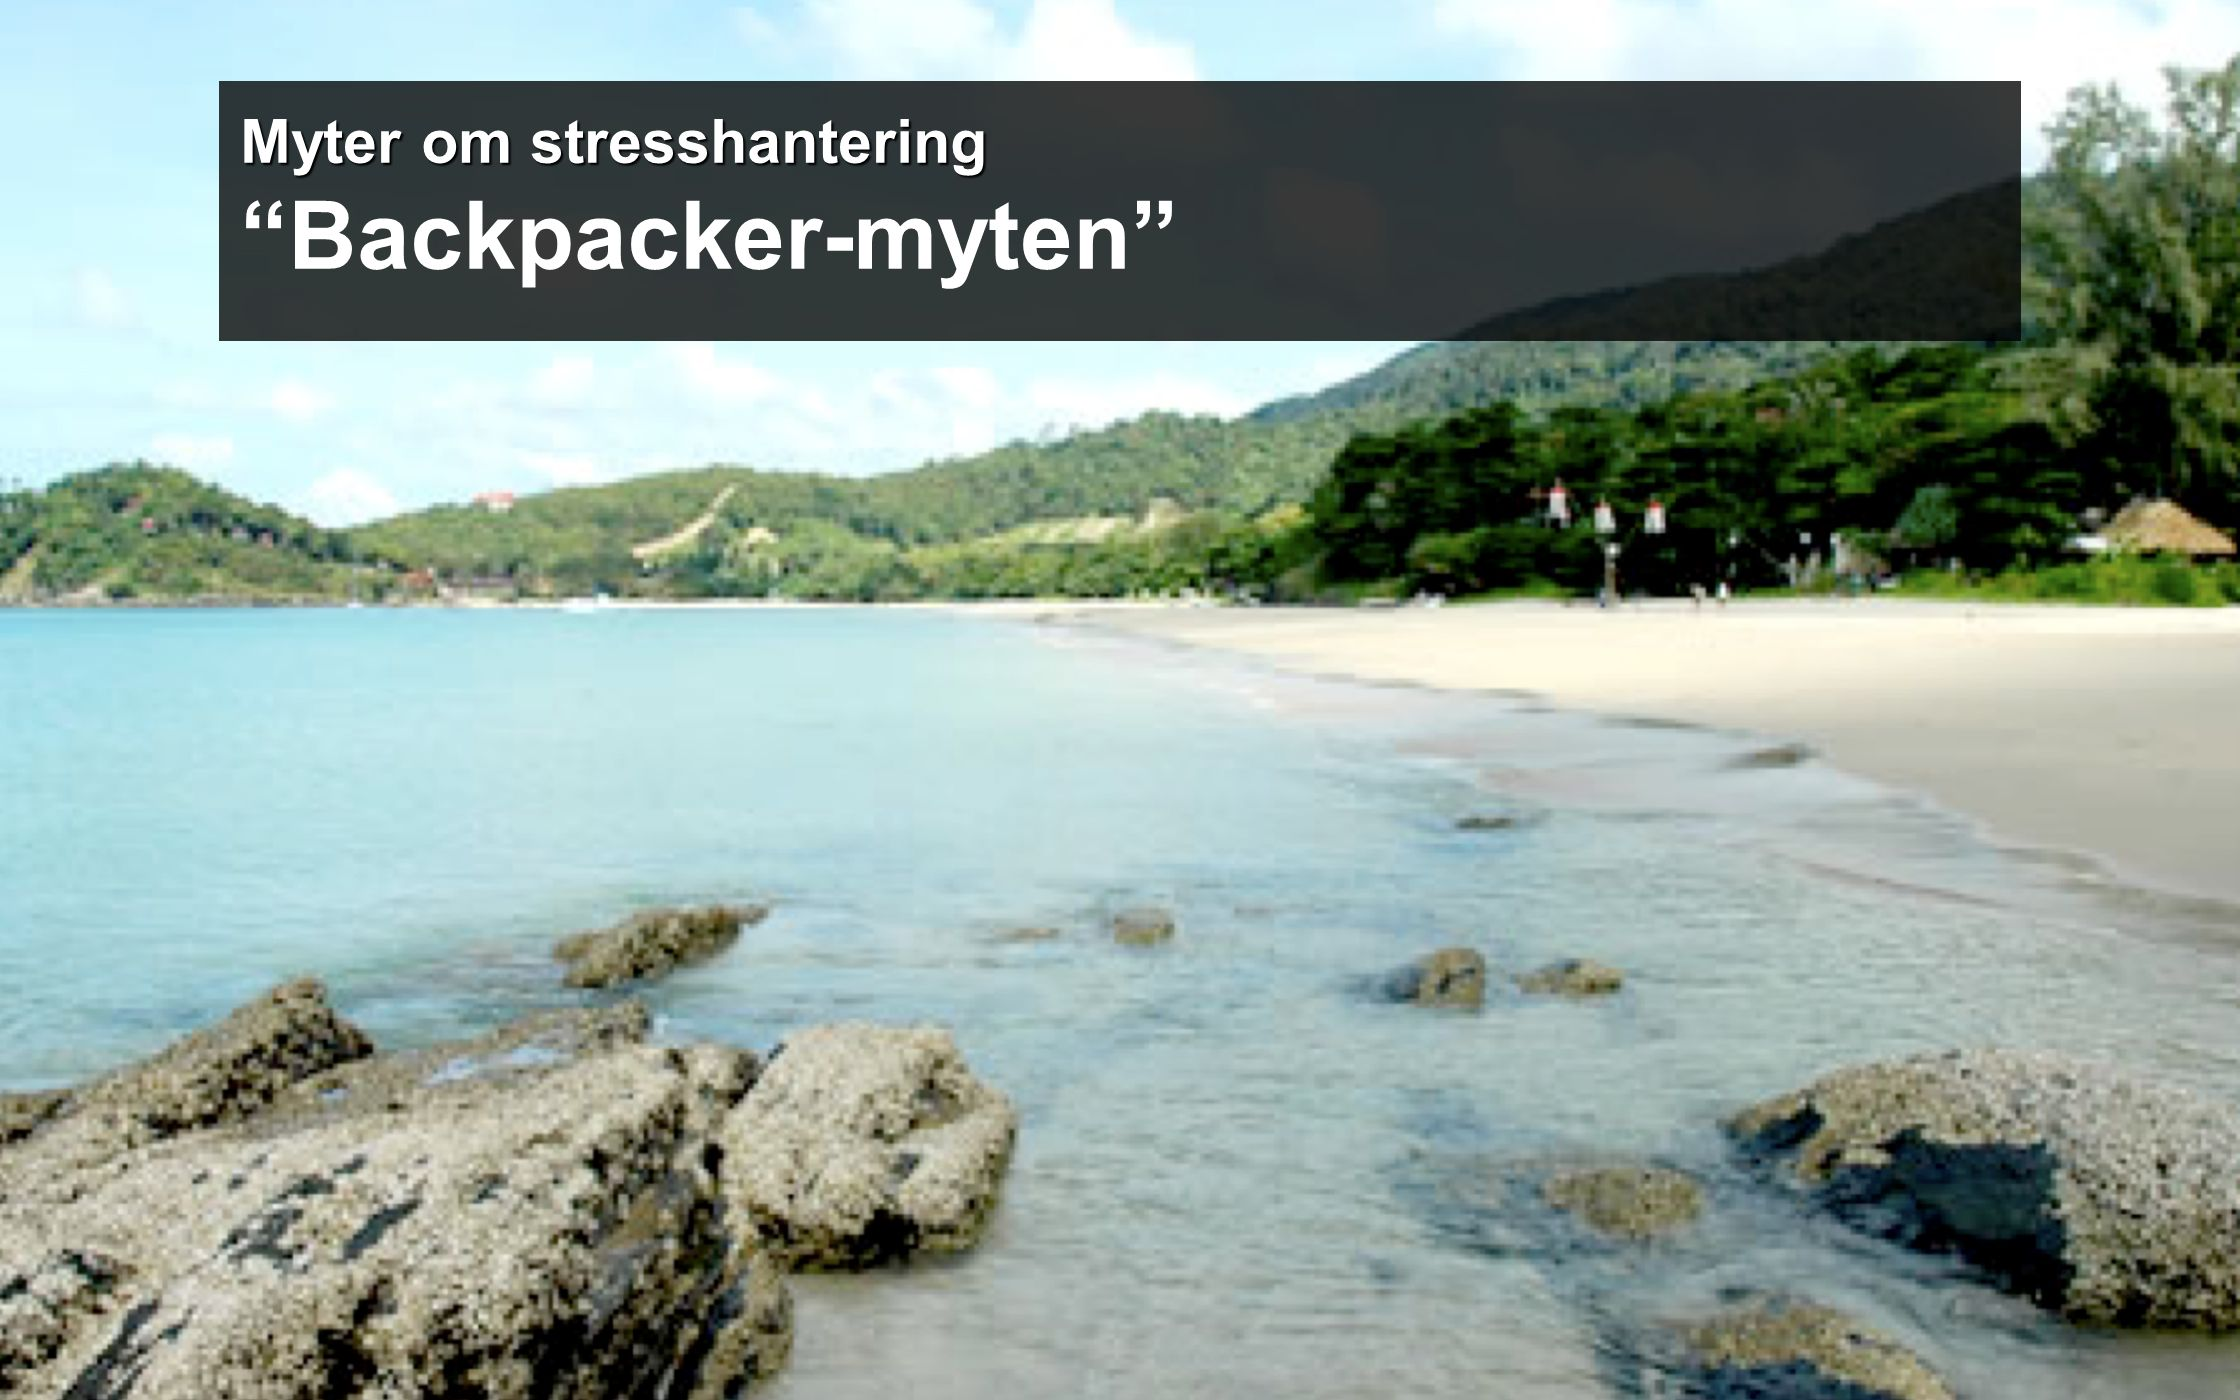 Myter om stresshantering Myter om stresshantering Backpacker-myten